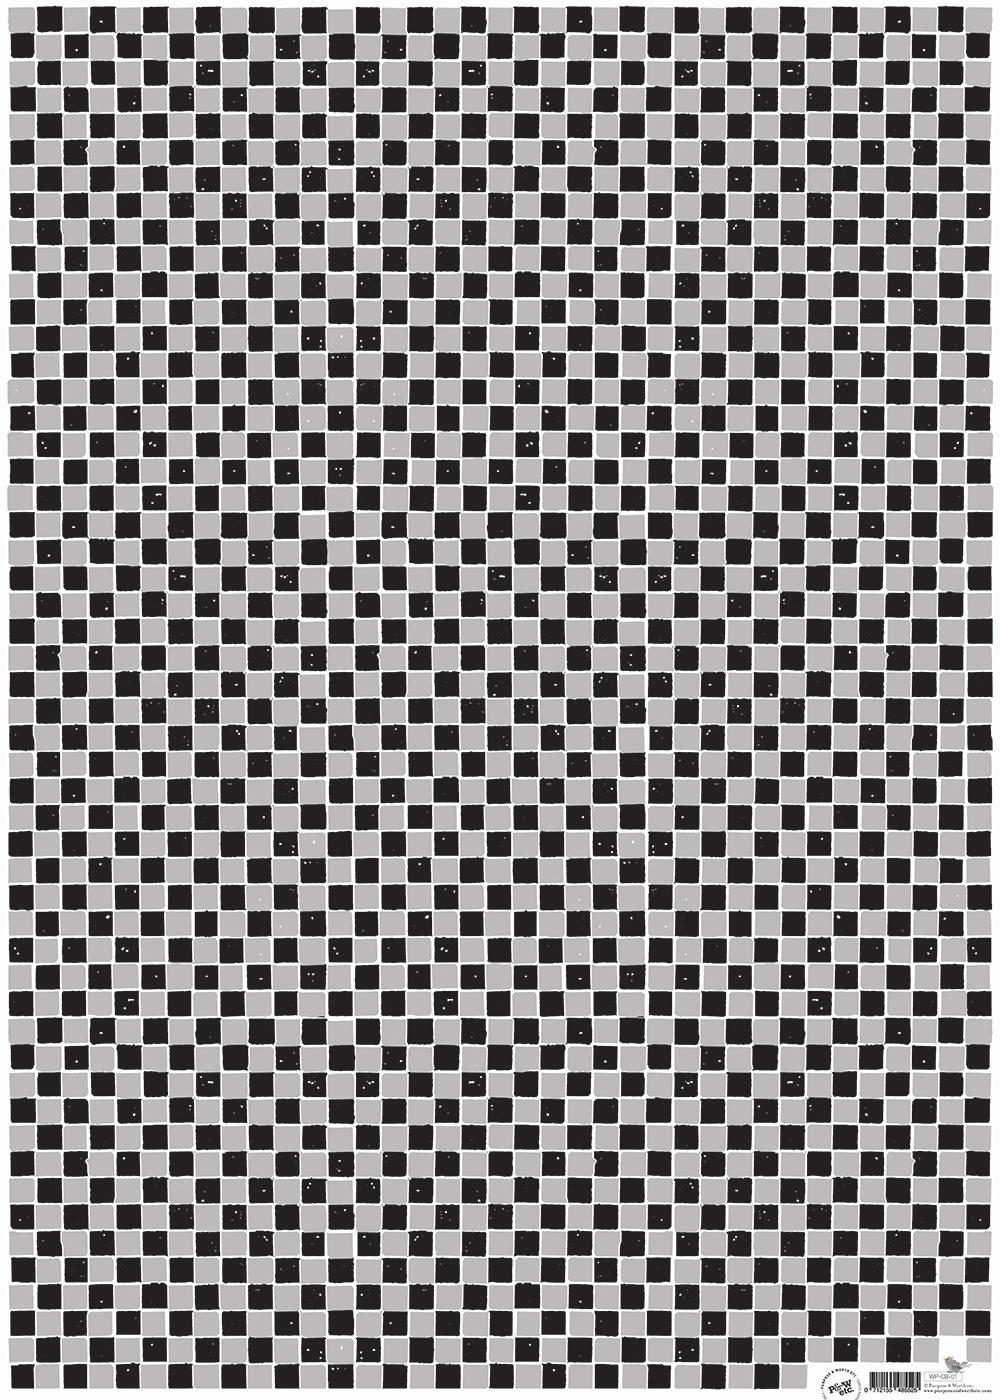 Checkerboard wrapping paper, Grey + black: WP_CBBG_01